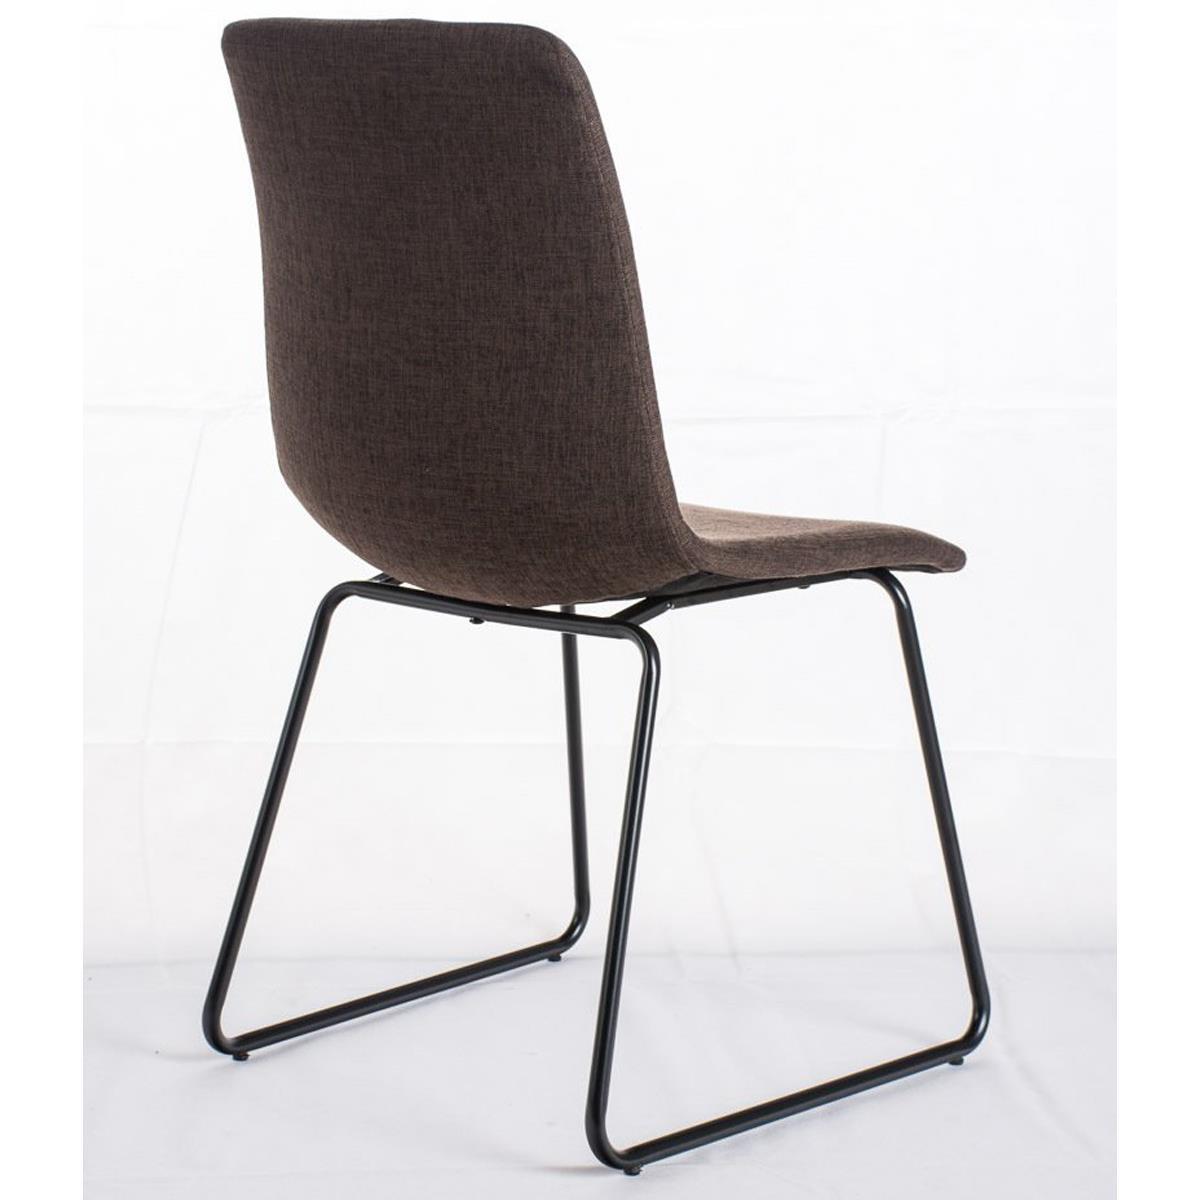 Conjunto de 6 sillas de comedor marina color marr n y for Sillas comedor patas metalicas